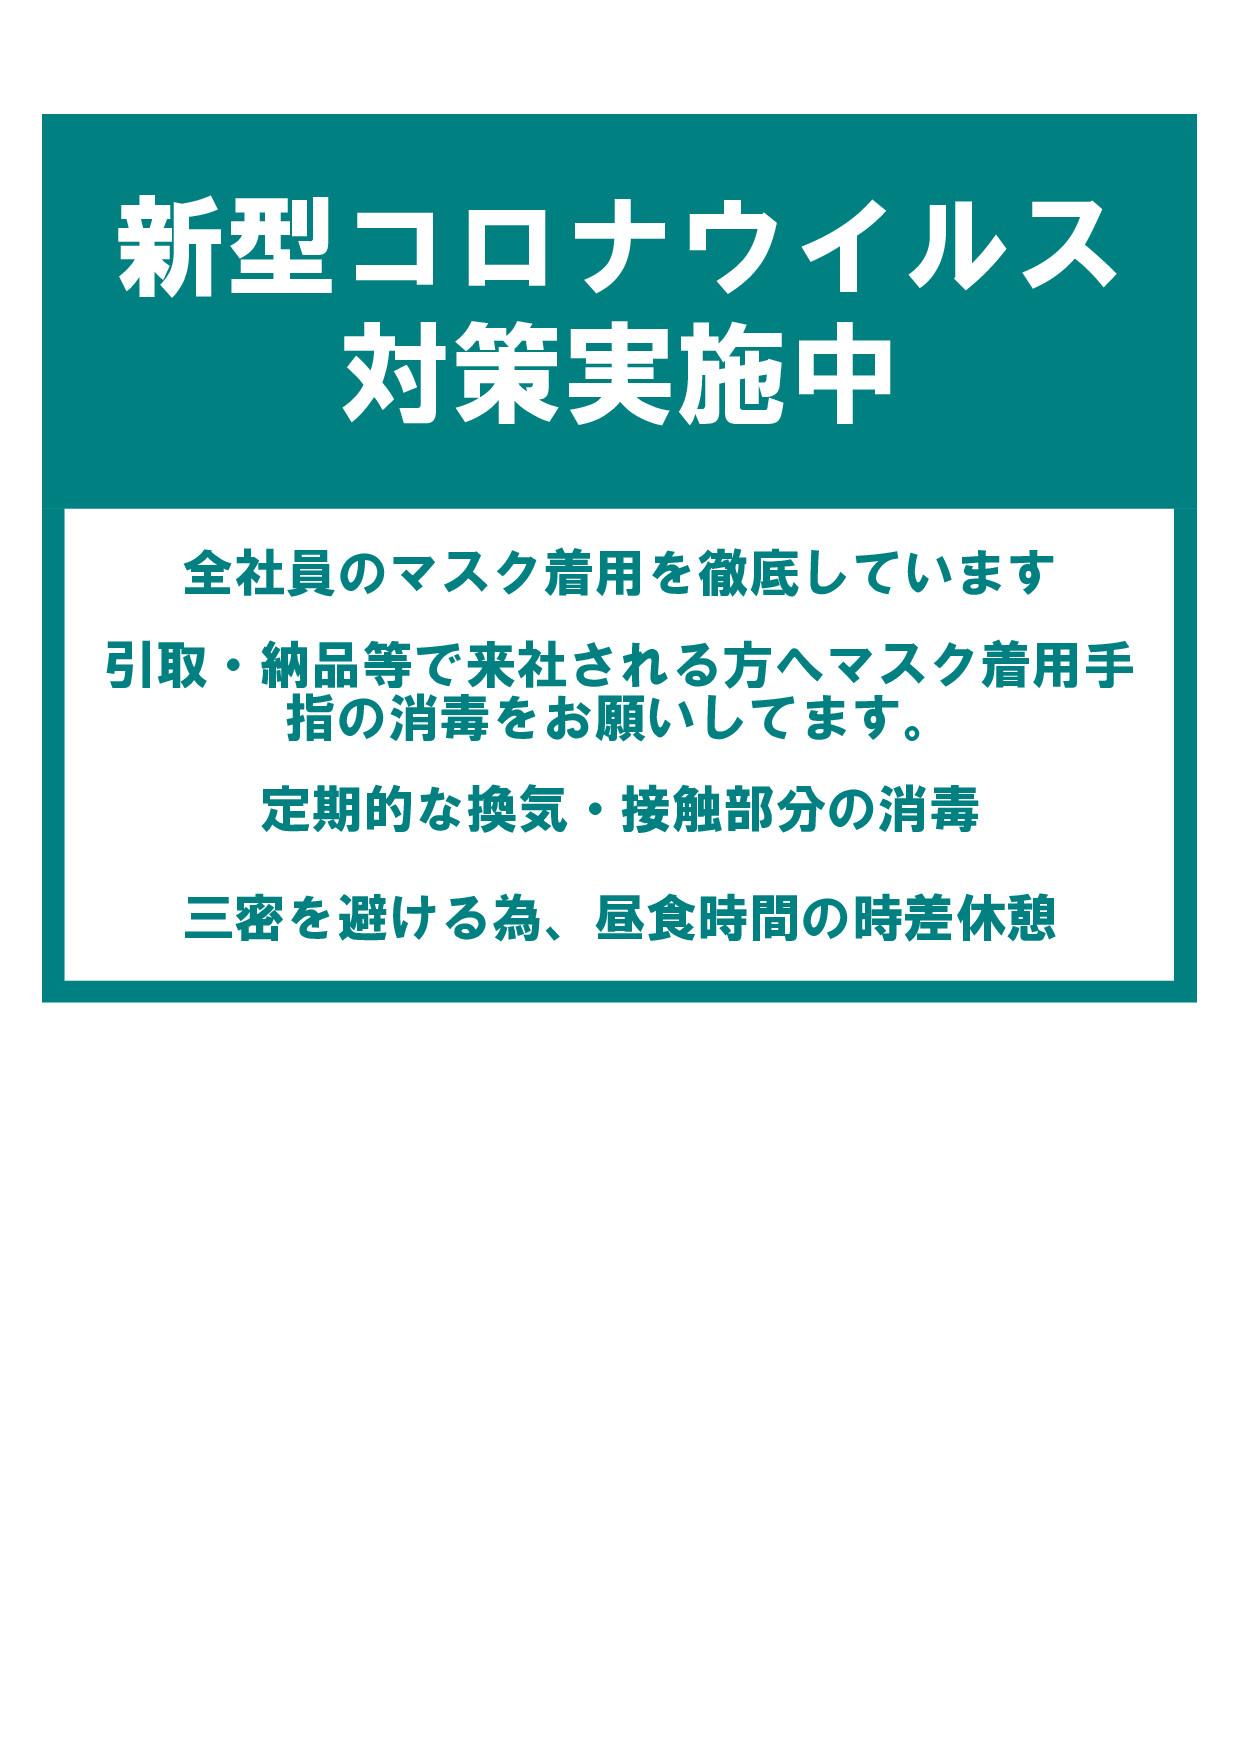 Excelポスター(新型コロナウイルス対策実施中)1.0_p001